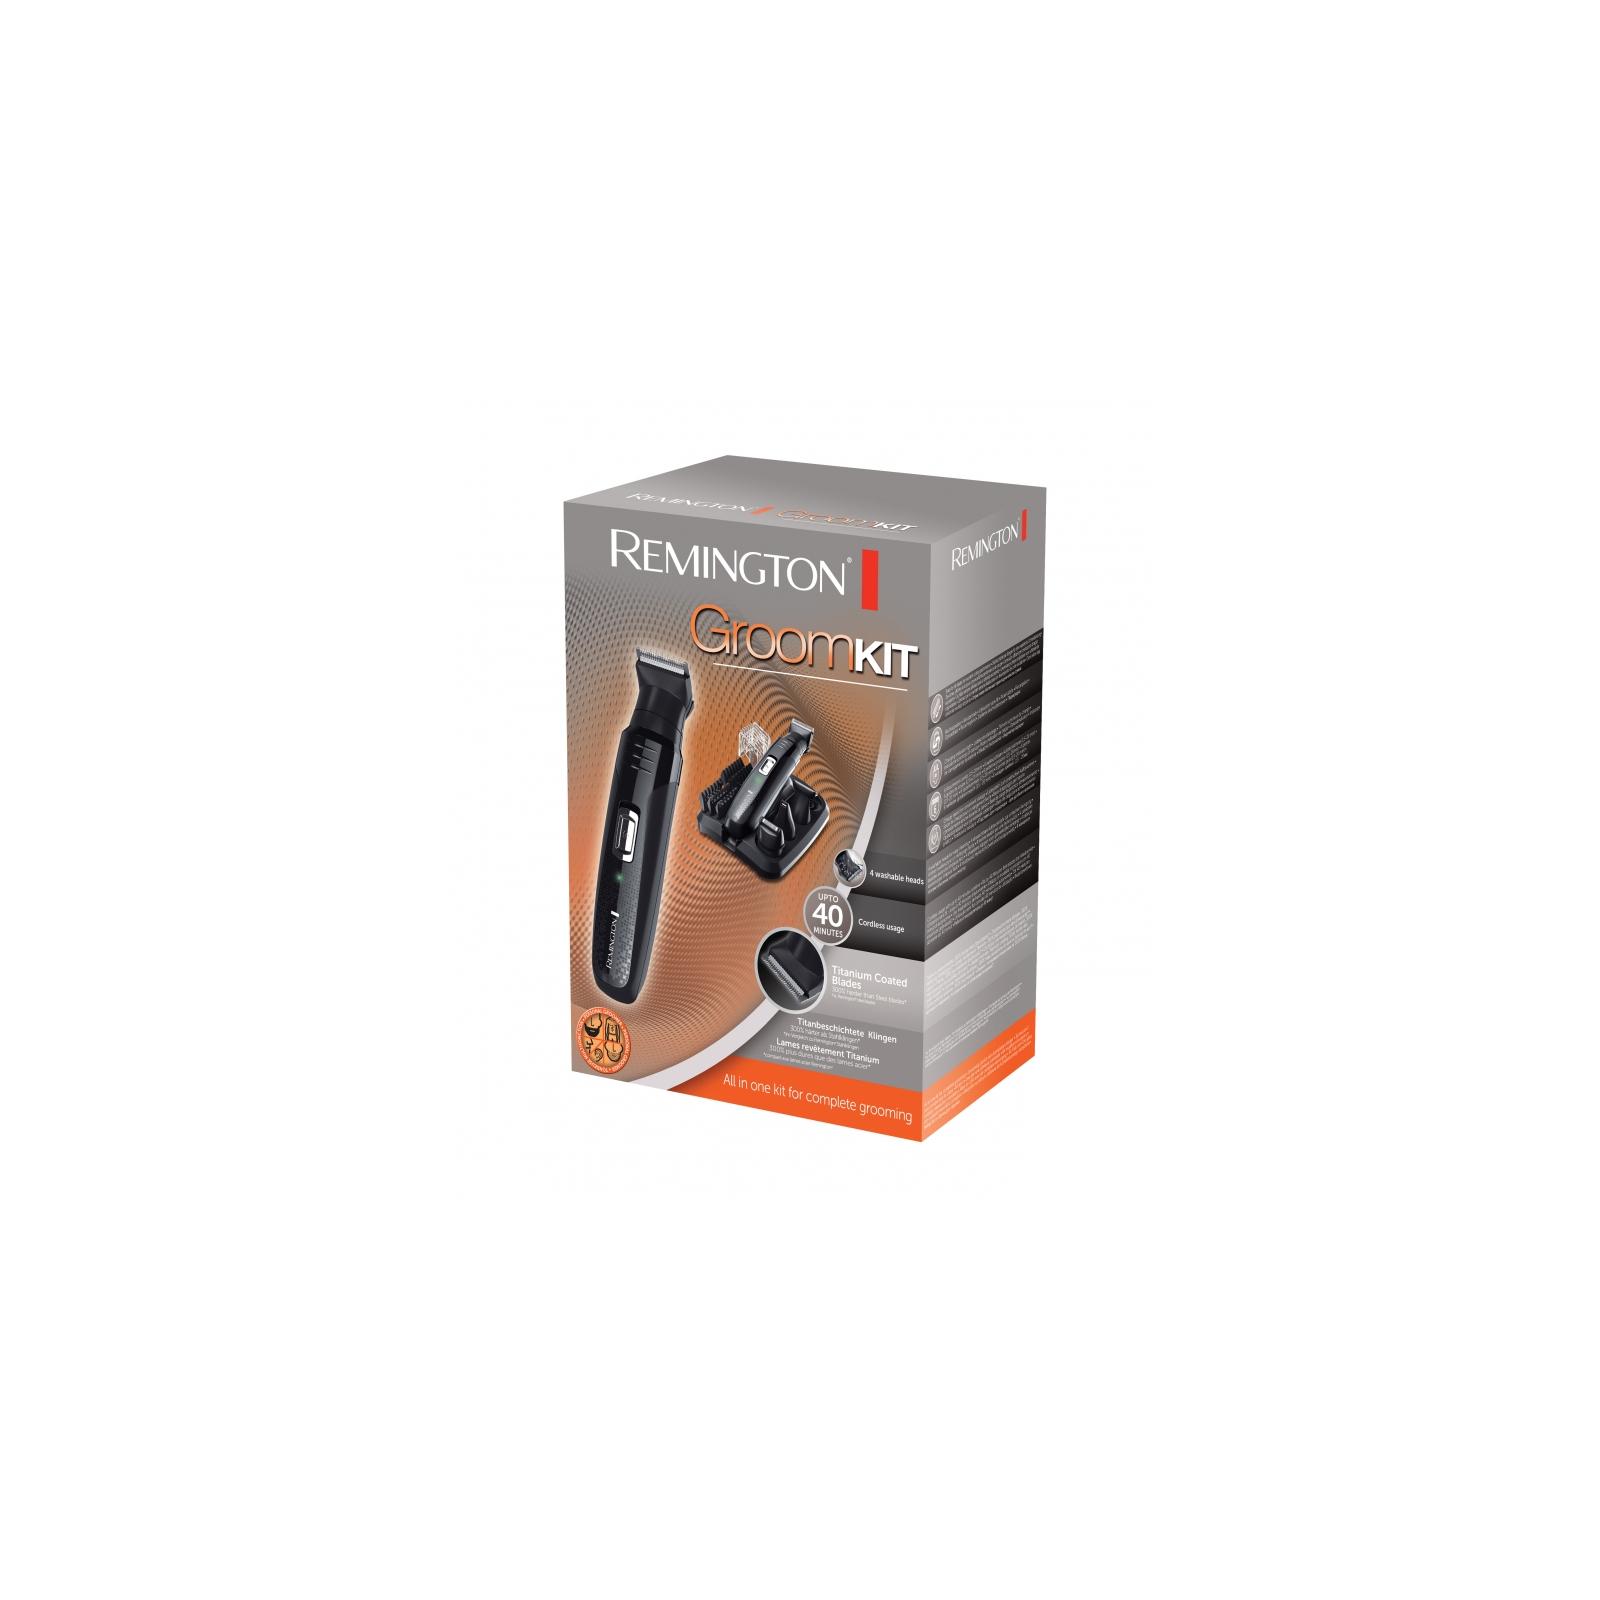 Машинка для стрижки Remington PG6130 изображение 8